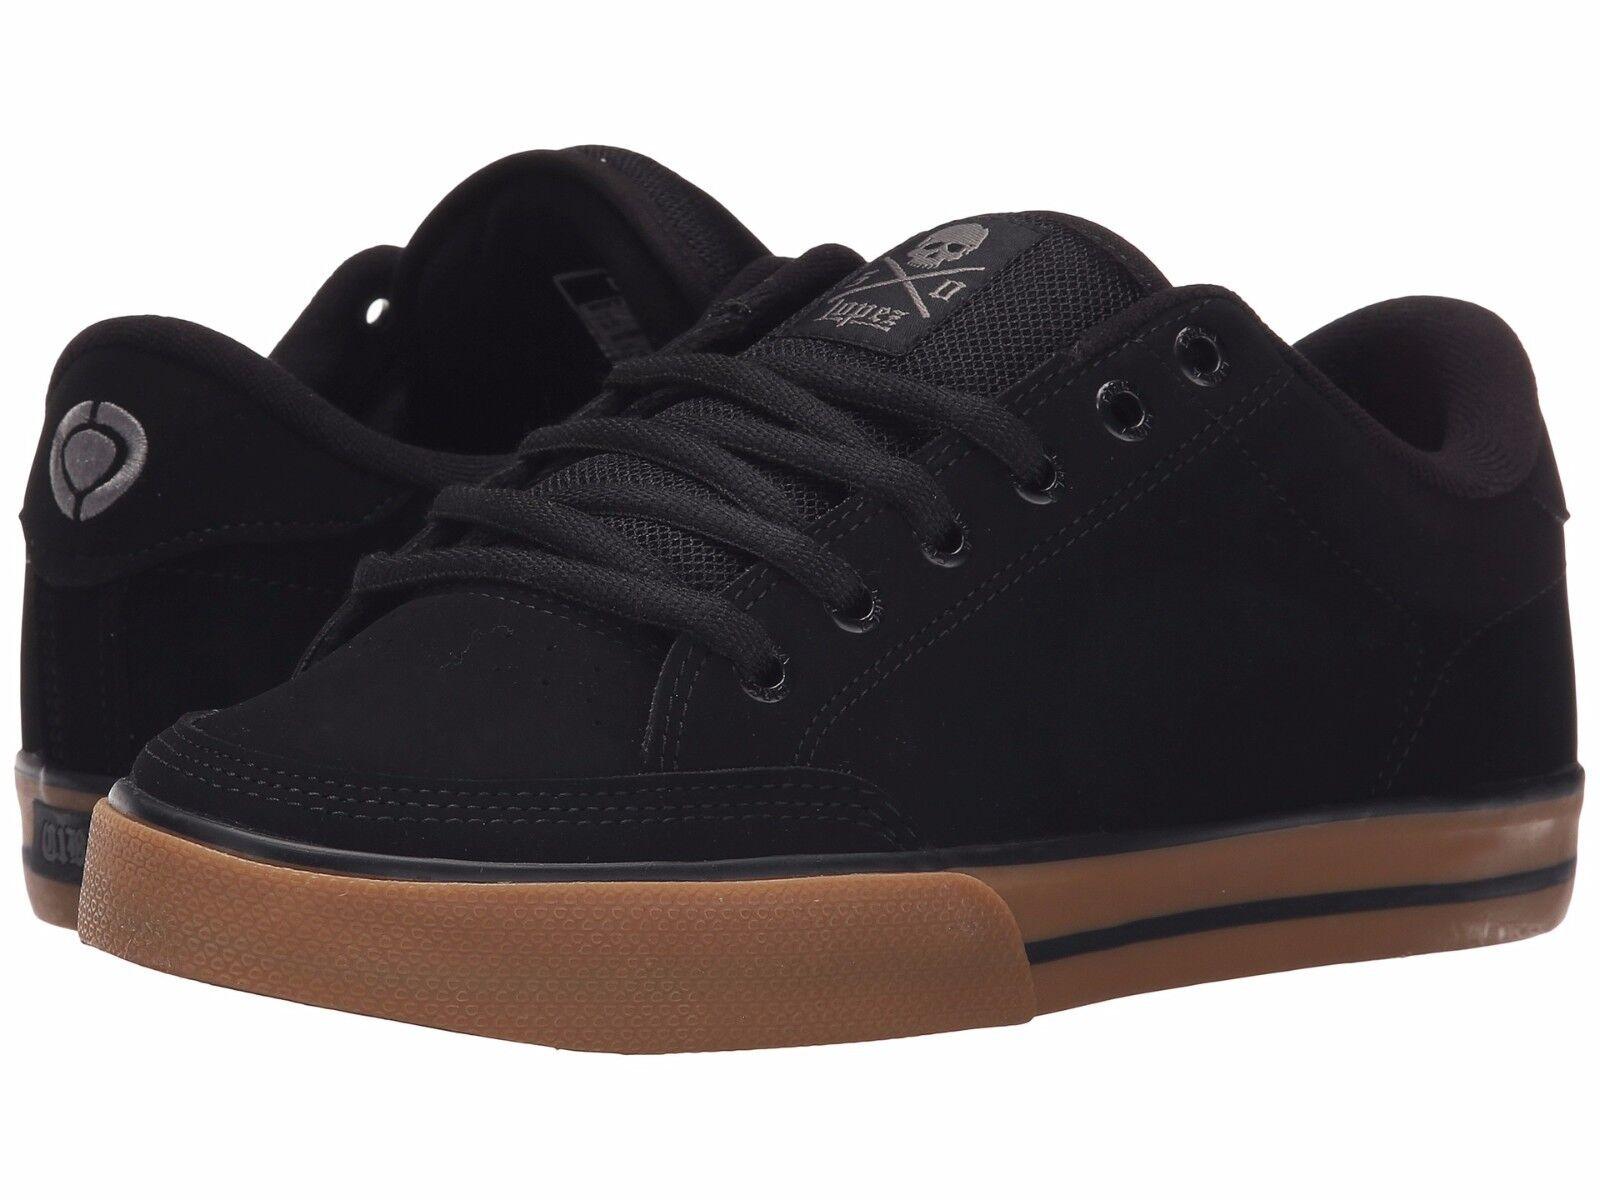 NEW Homme C1RCA LOPEZ 50 CIRCA Chaussures AL50 BKG Noir GUM SNEAKERS ORIGINAL